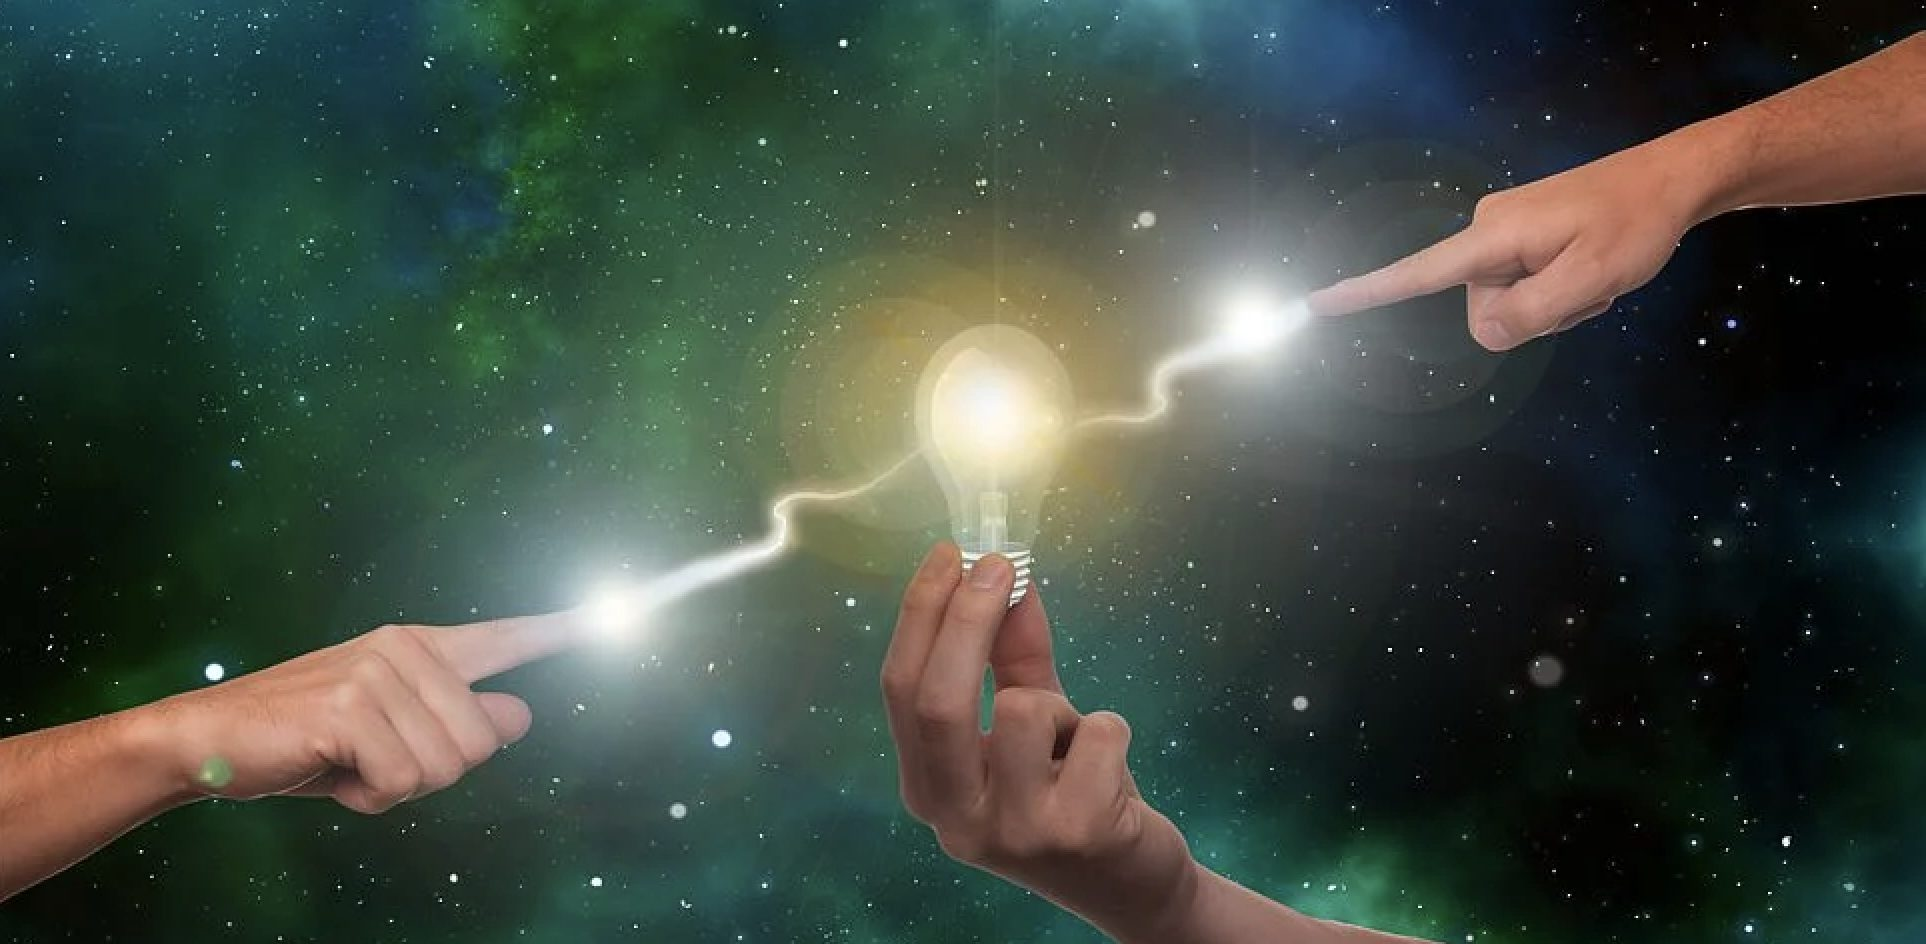 Sähköistystä kuvaava palava lamppu henkilön sormissa ja sähköjohto vihertävää taustaa vasten.